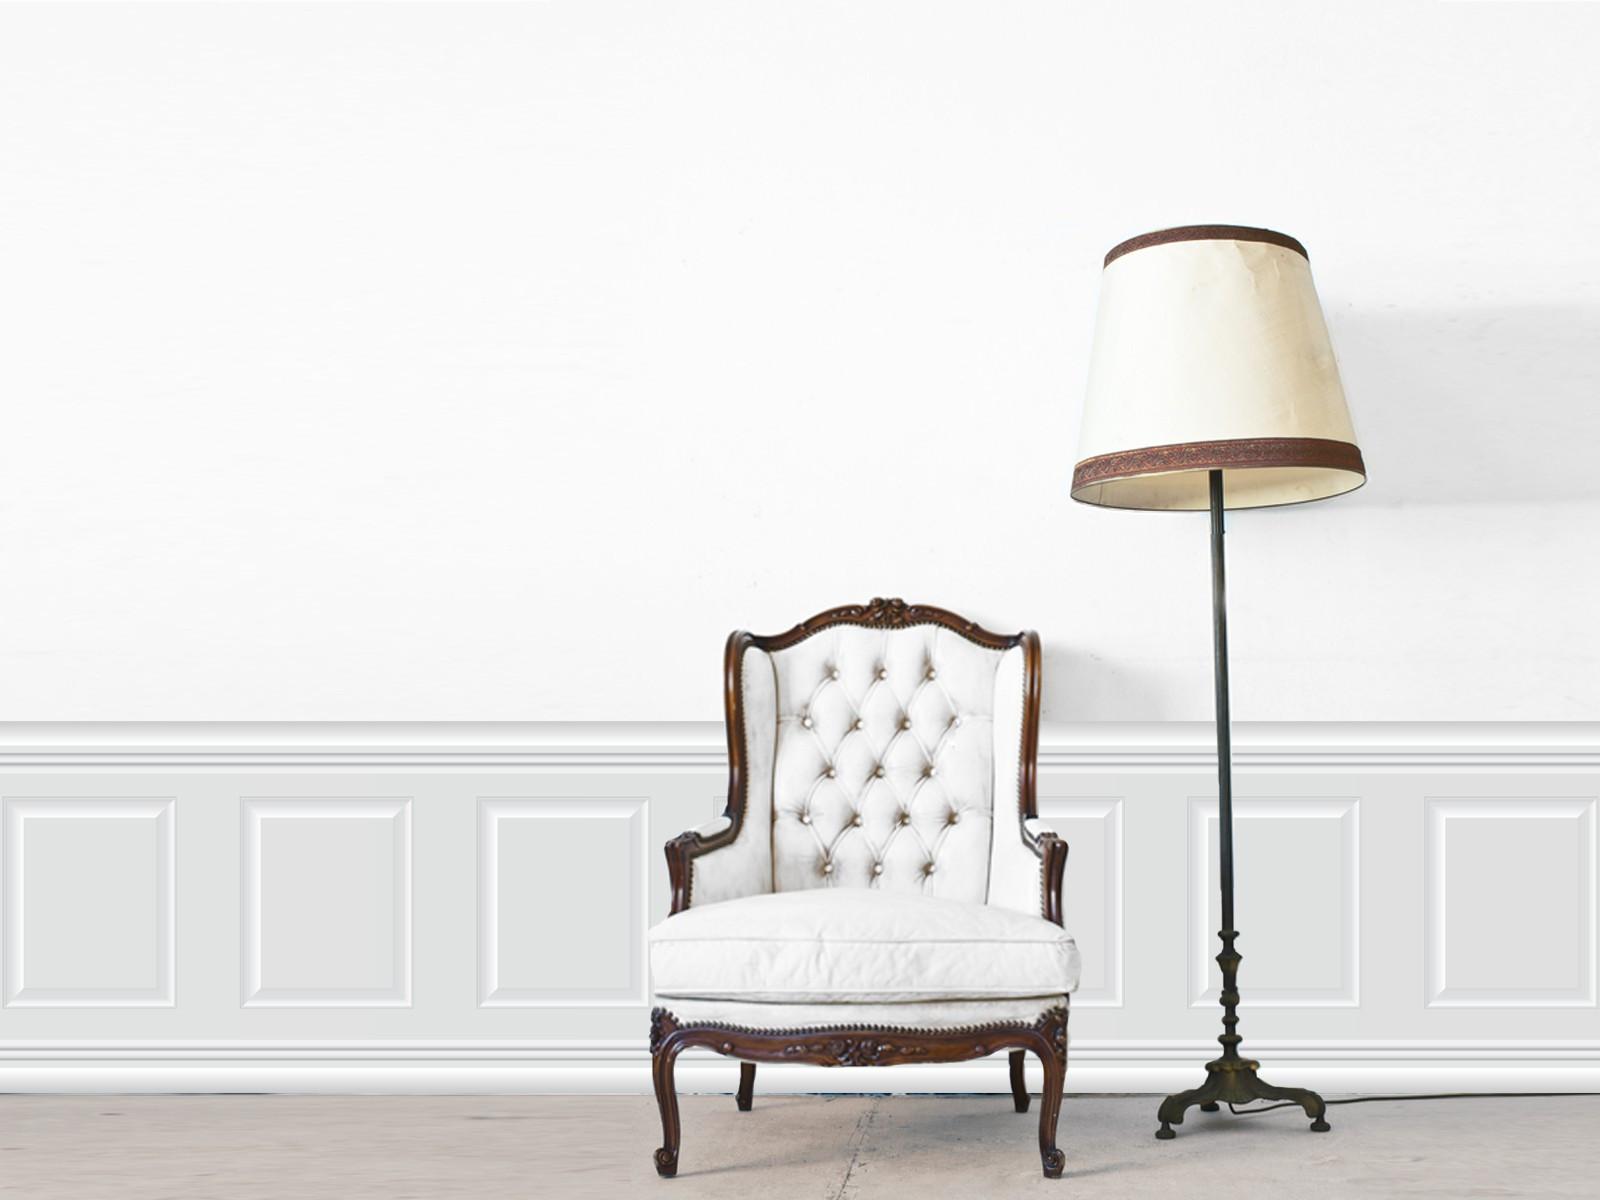 papier peint adh sif trompe l 39 oeil moulures lambris moulur gris perle. Black Bedroom Furniture Sets. Home Design Ideas